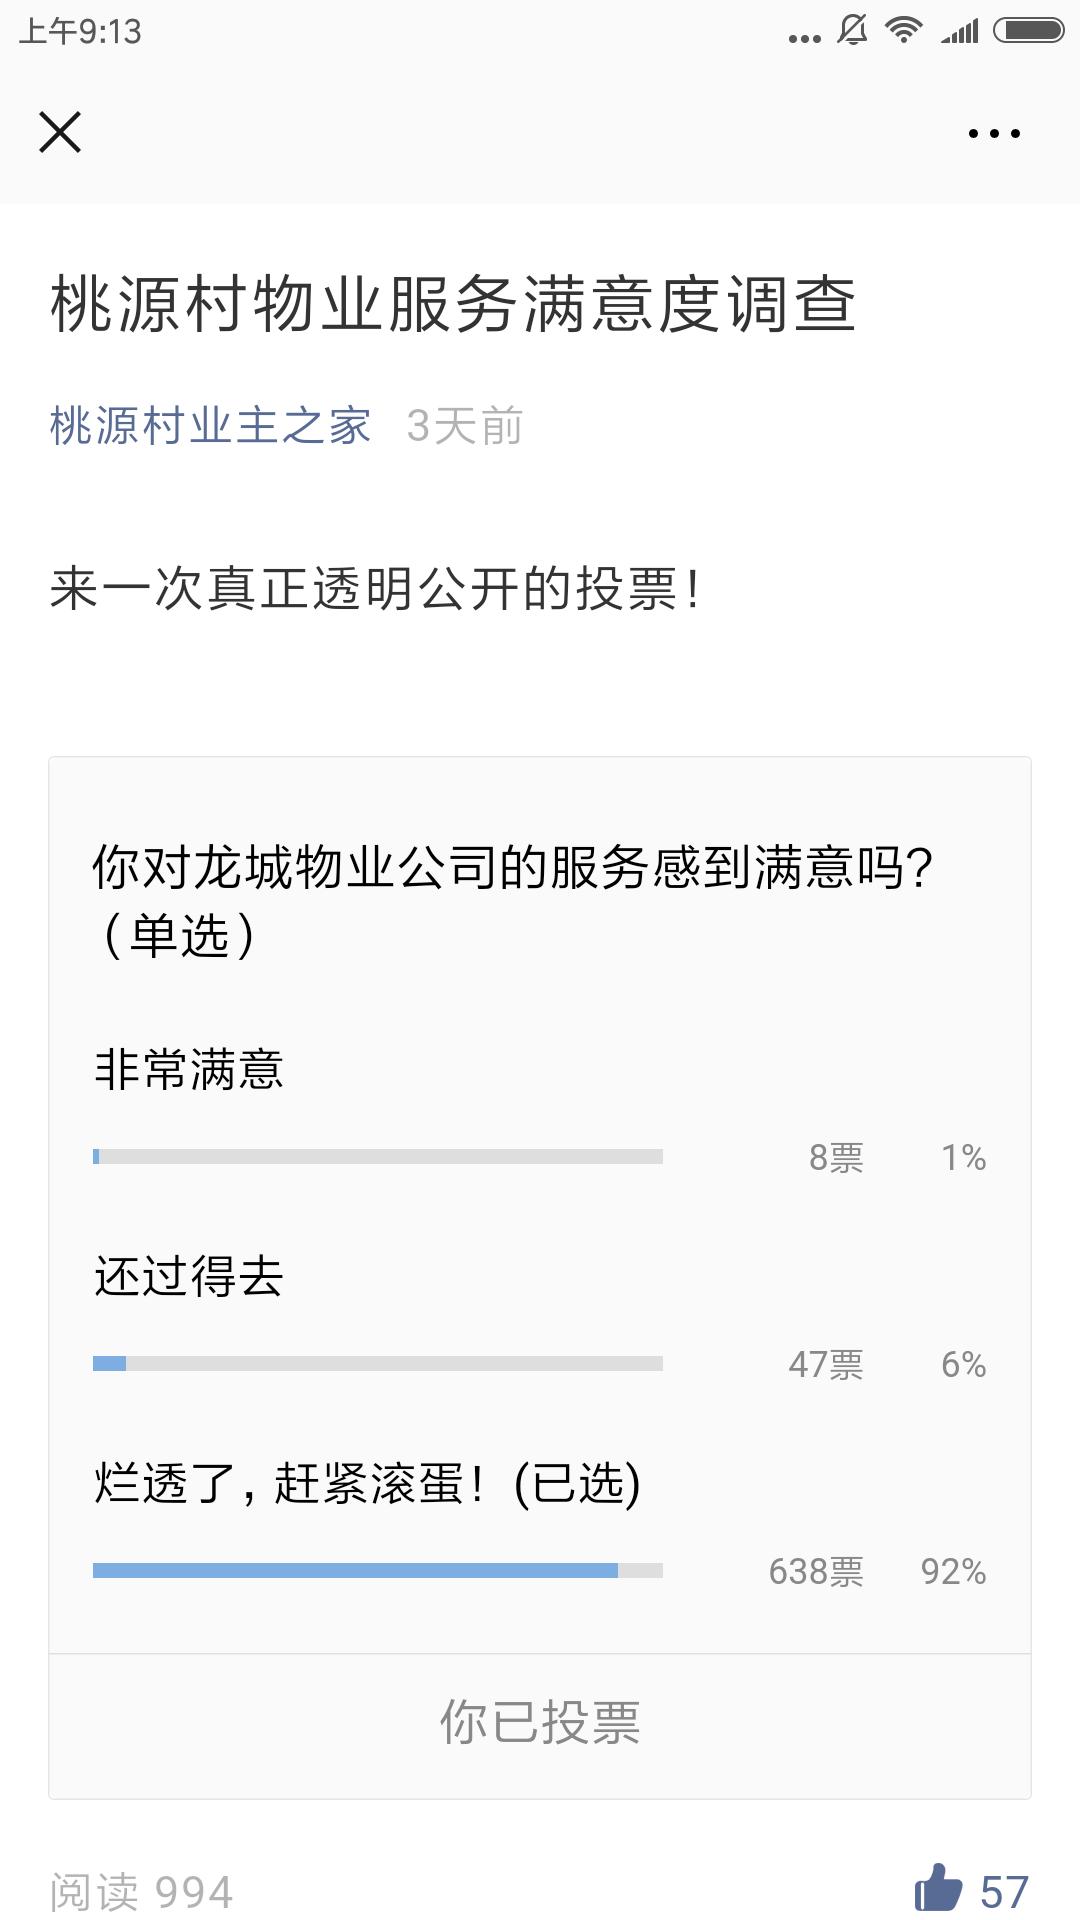 Screenshot_2018-11-08-09-13-43-934_com.tencent.mm.png